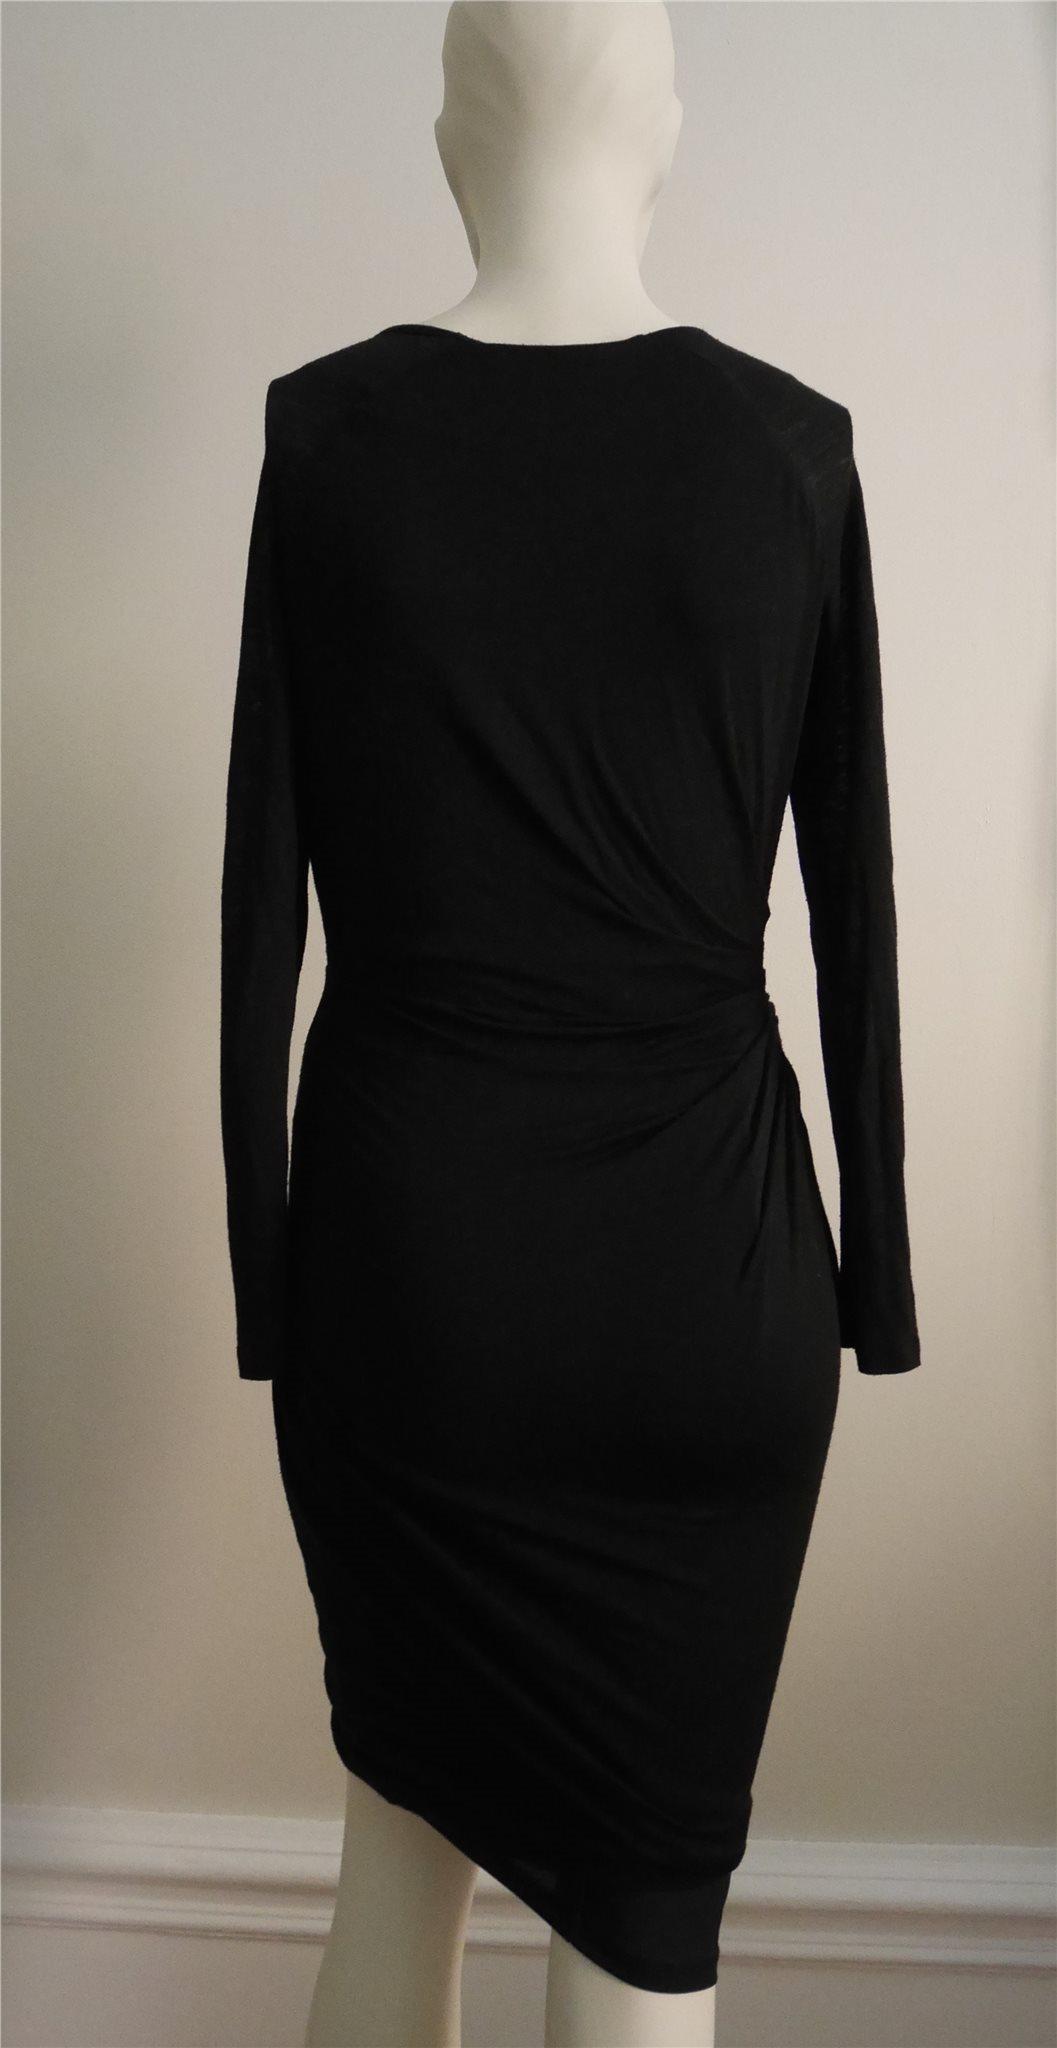 Den lilla svarta från Whistles LBD svart klänning ylle långärmad långärmad långärmad 38 S M 36 794de2